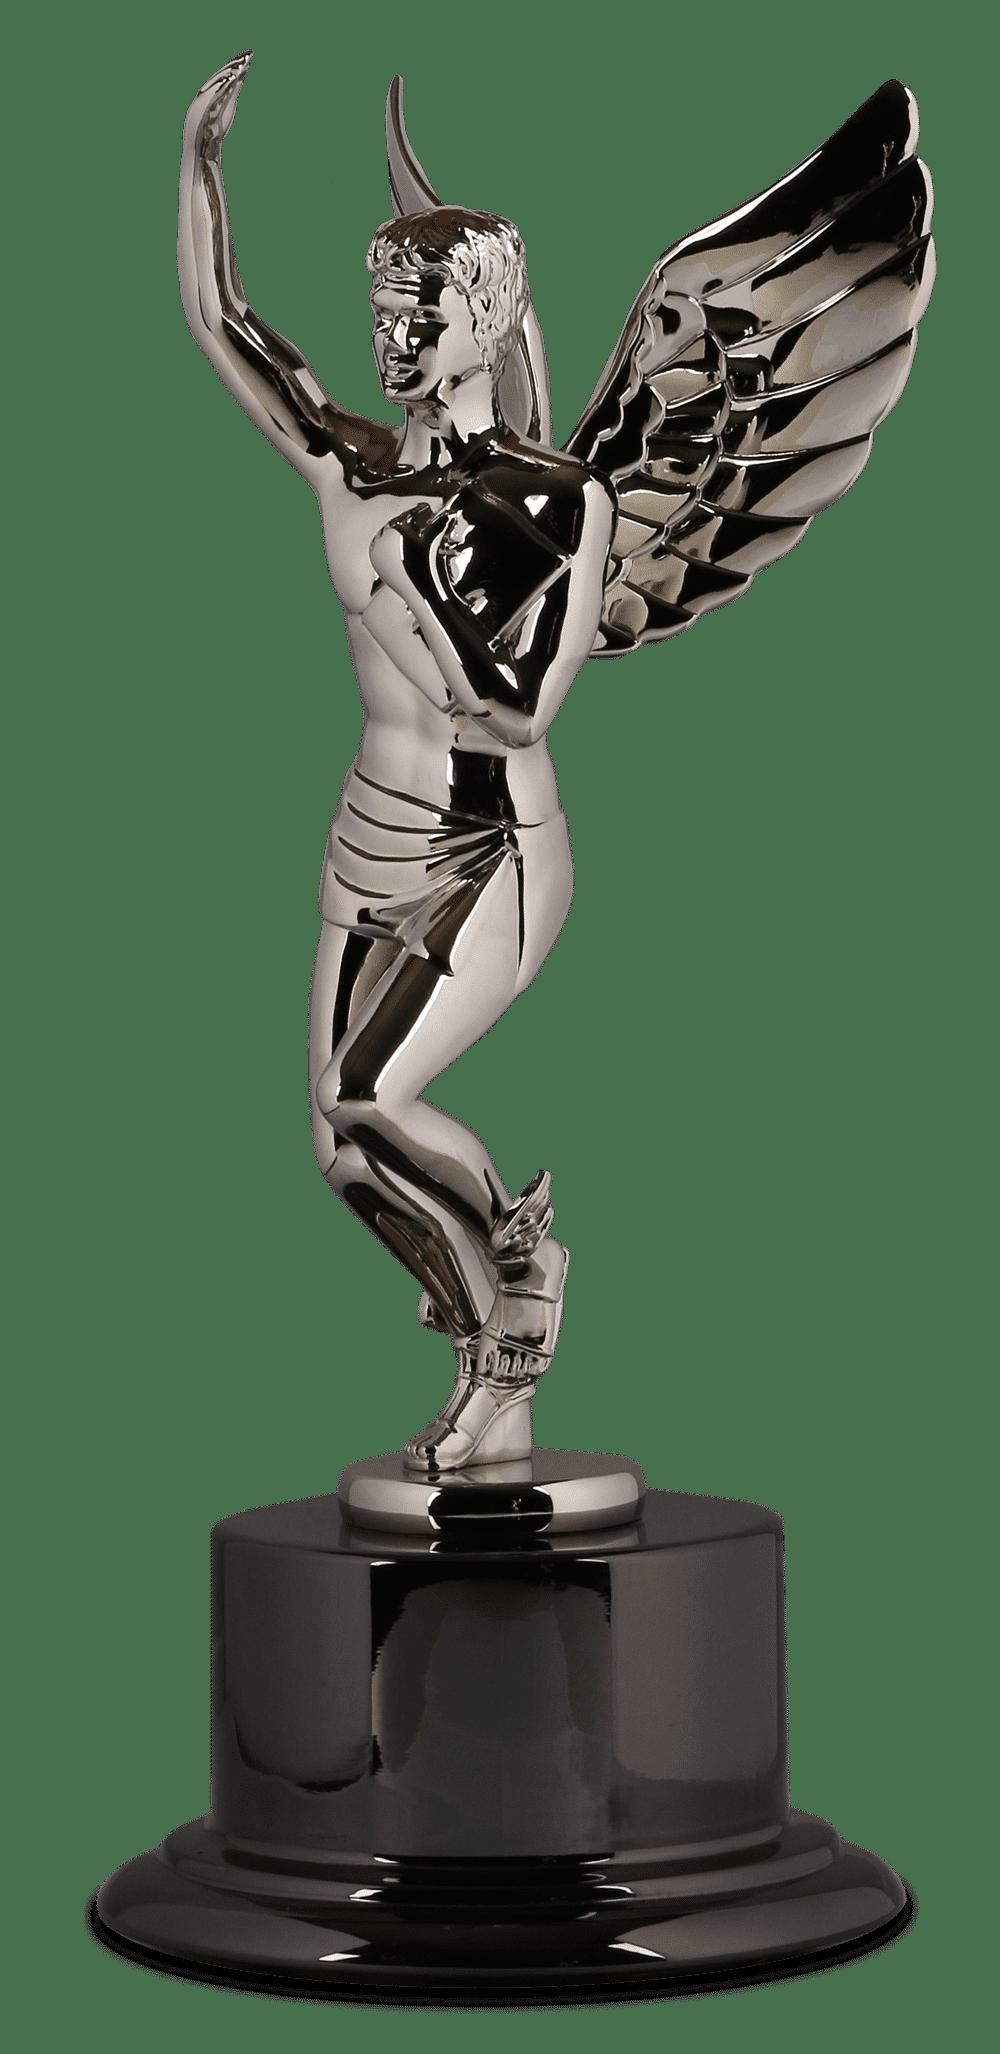 Platinum Hermes Creative Award Ethic Advertising winner